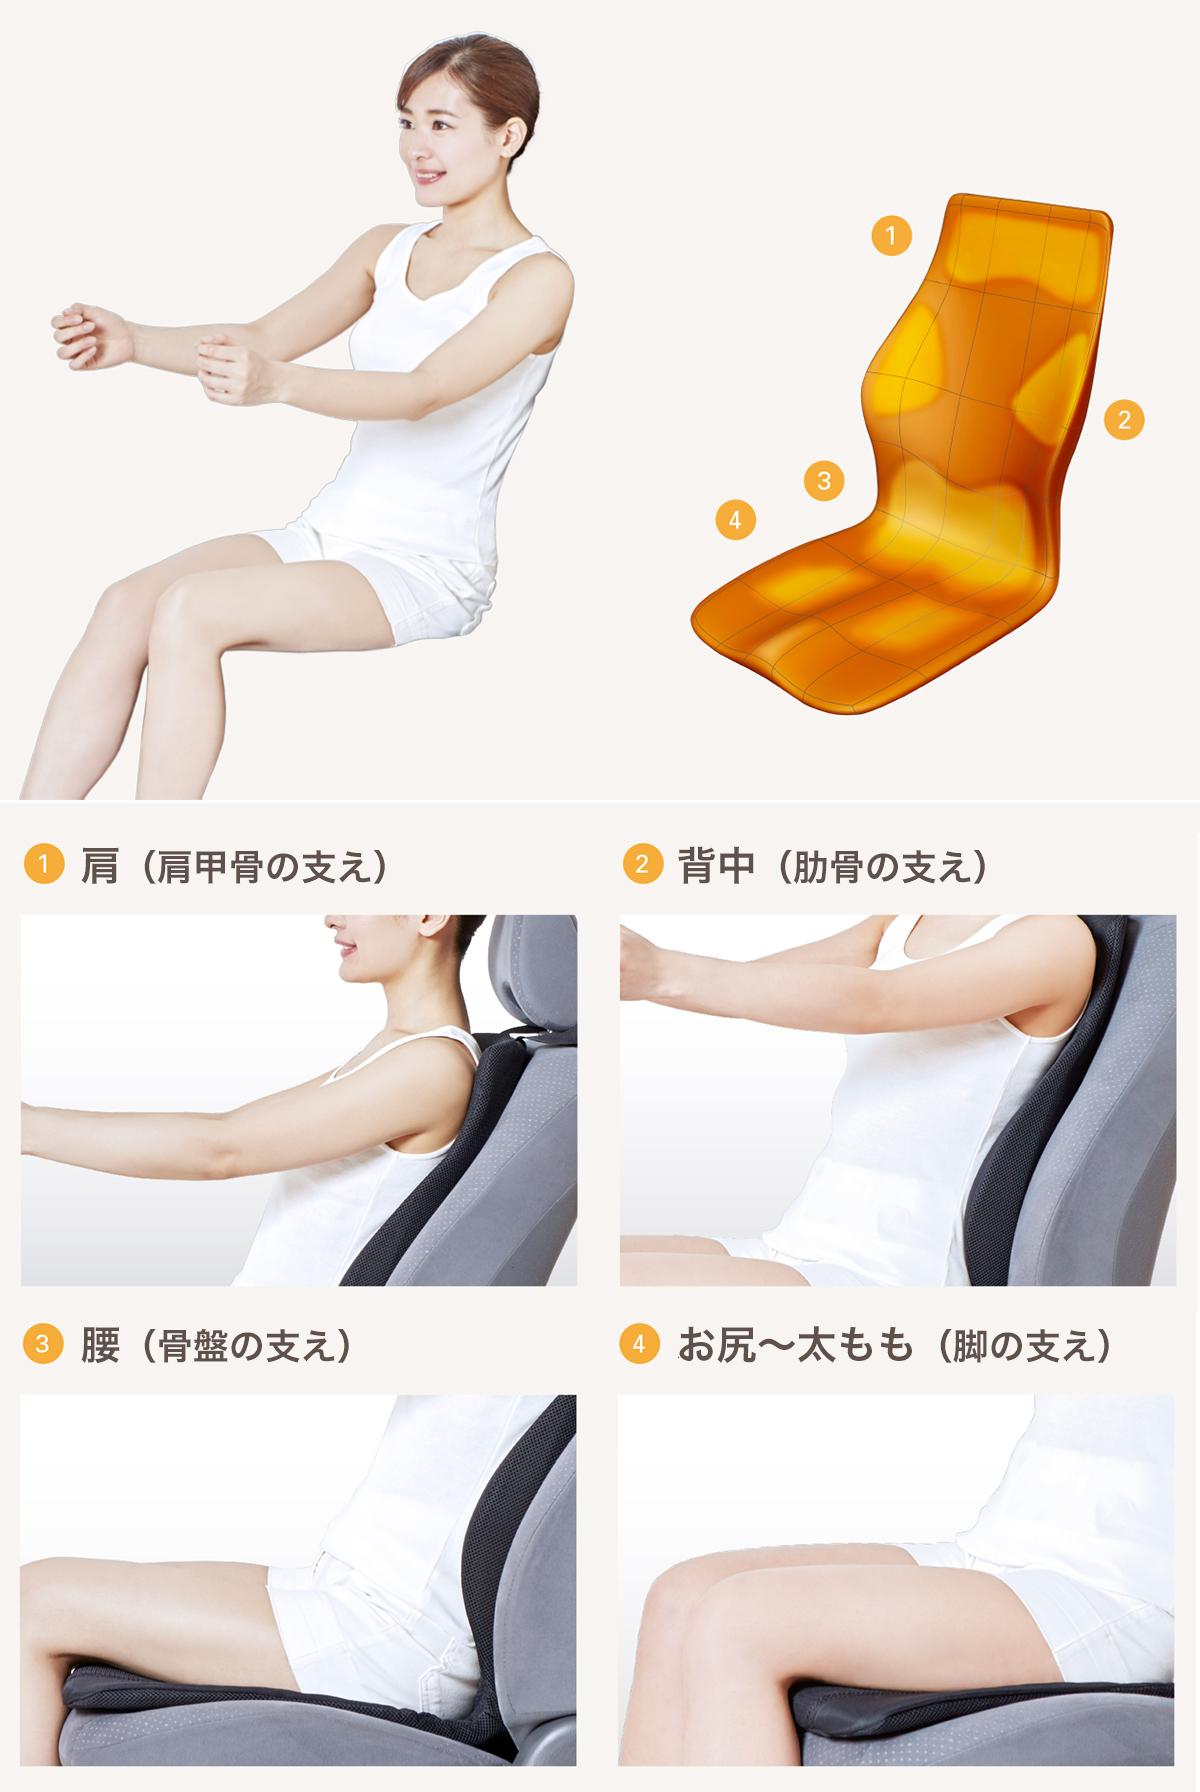 年間300件の採型経験と、5000人の体型分析データをもとに開発した、独自の立体形状「エスリーム技術」で、座った瞬間から、体に心地よくフィット。車用シートクッション|P!nto Driver